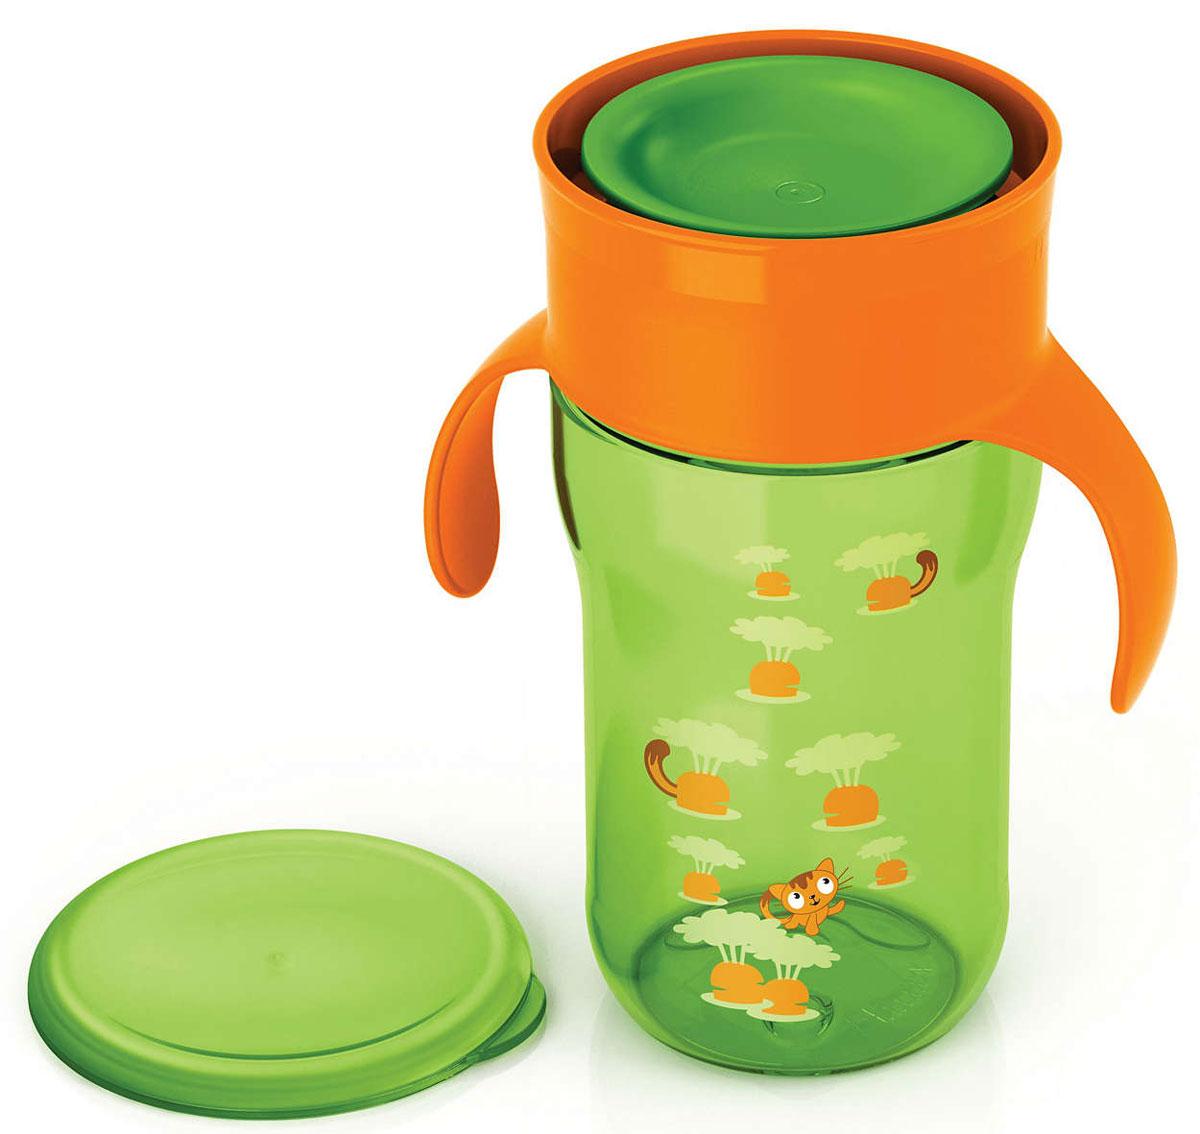 Philips Avent  Взрослая  чашка, 340 мл, 18м+, 1 шт зеленый оранжевый SCF784/00